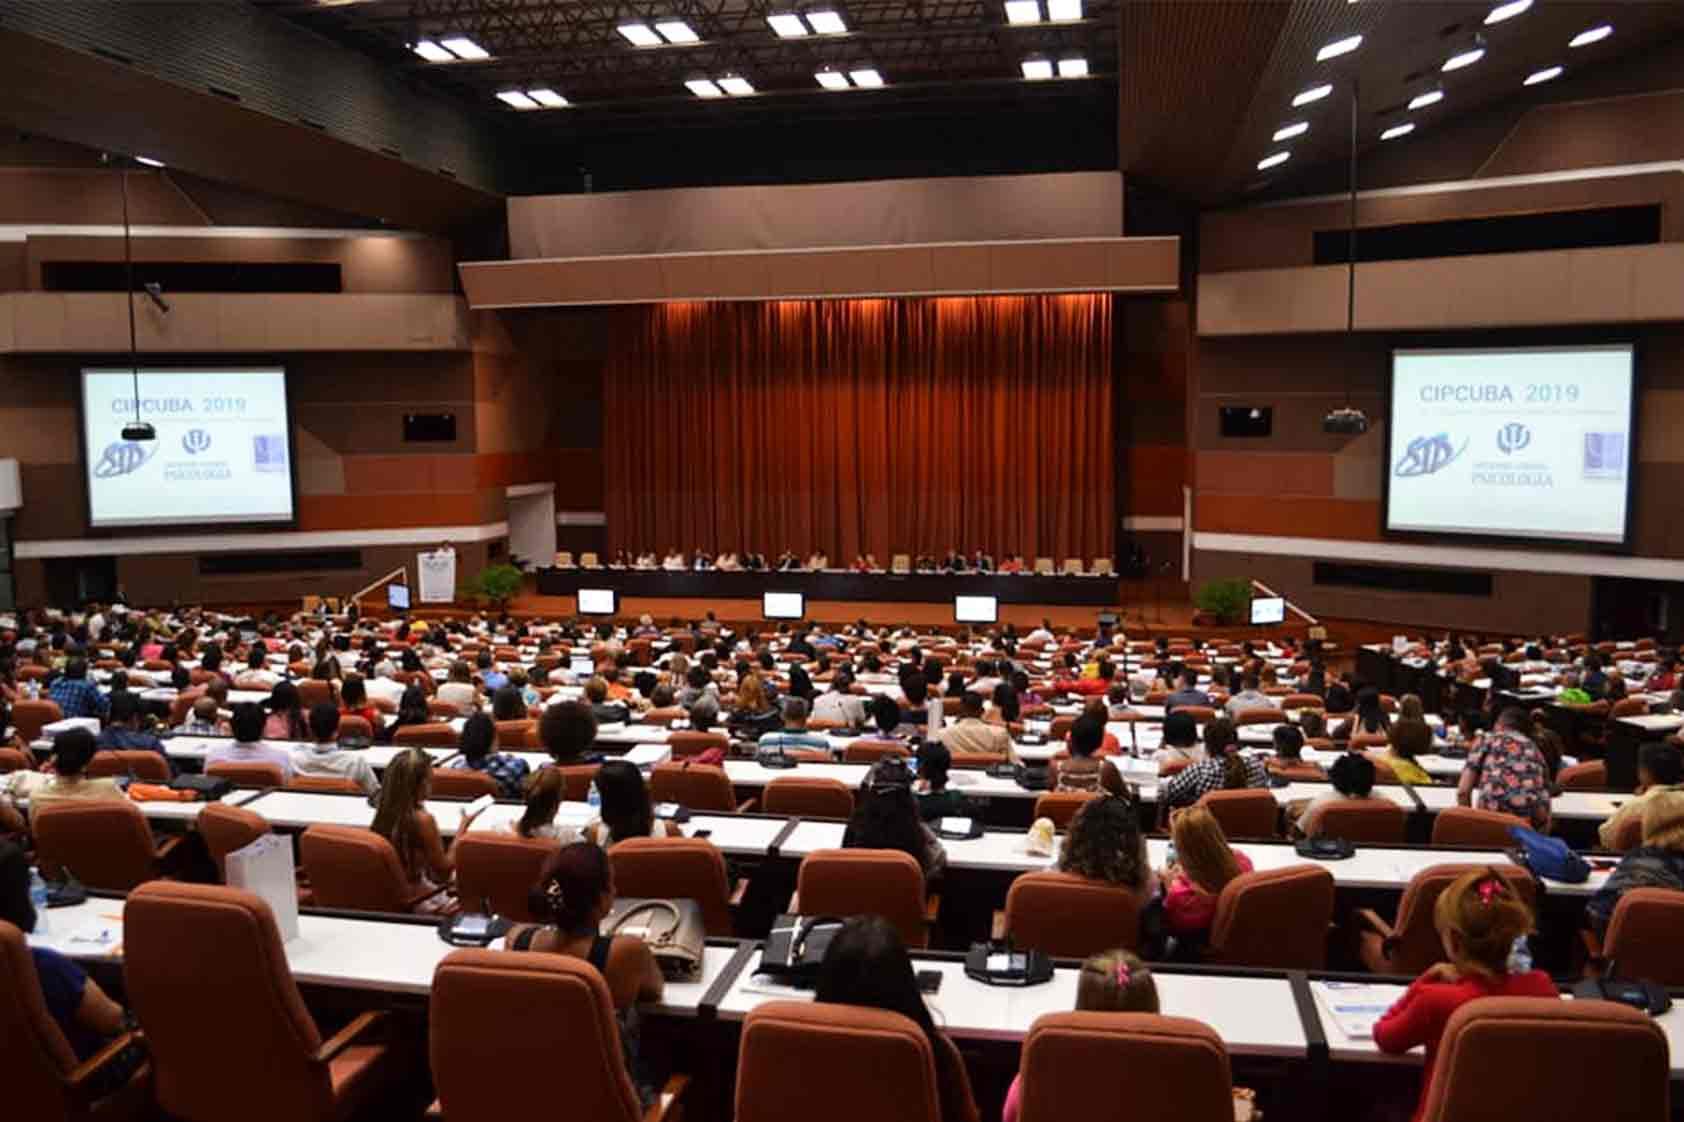 UVG participa en el Congreso Interamericano de Psicología en La Habana, Cuba